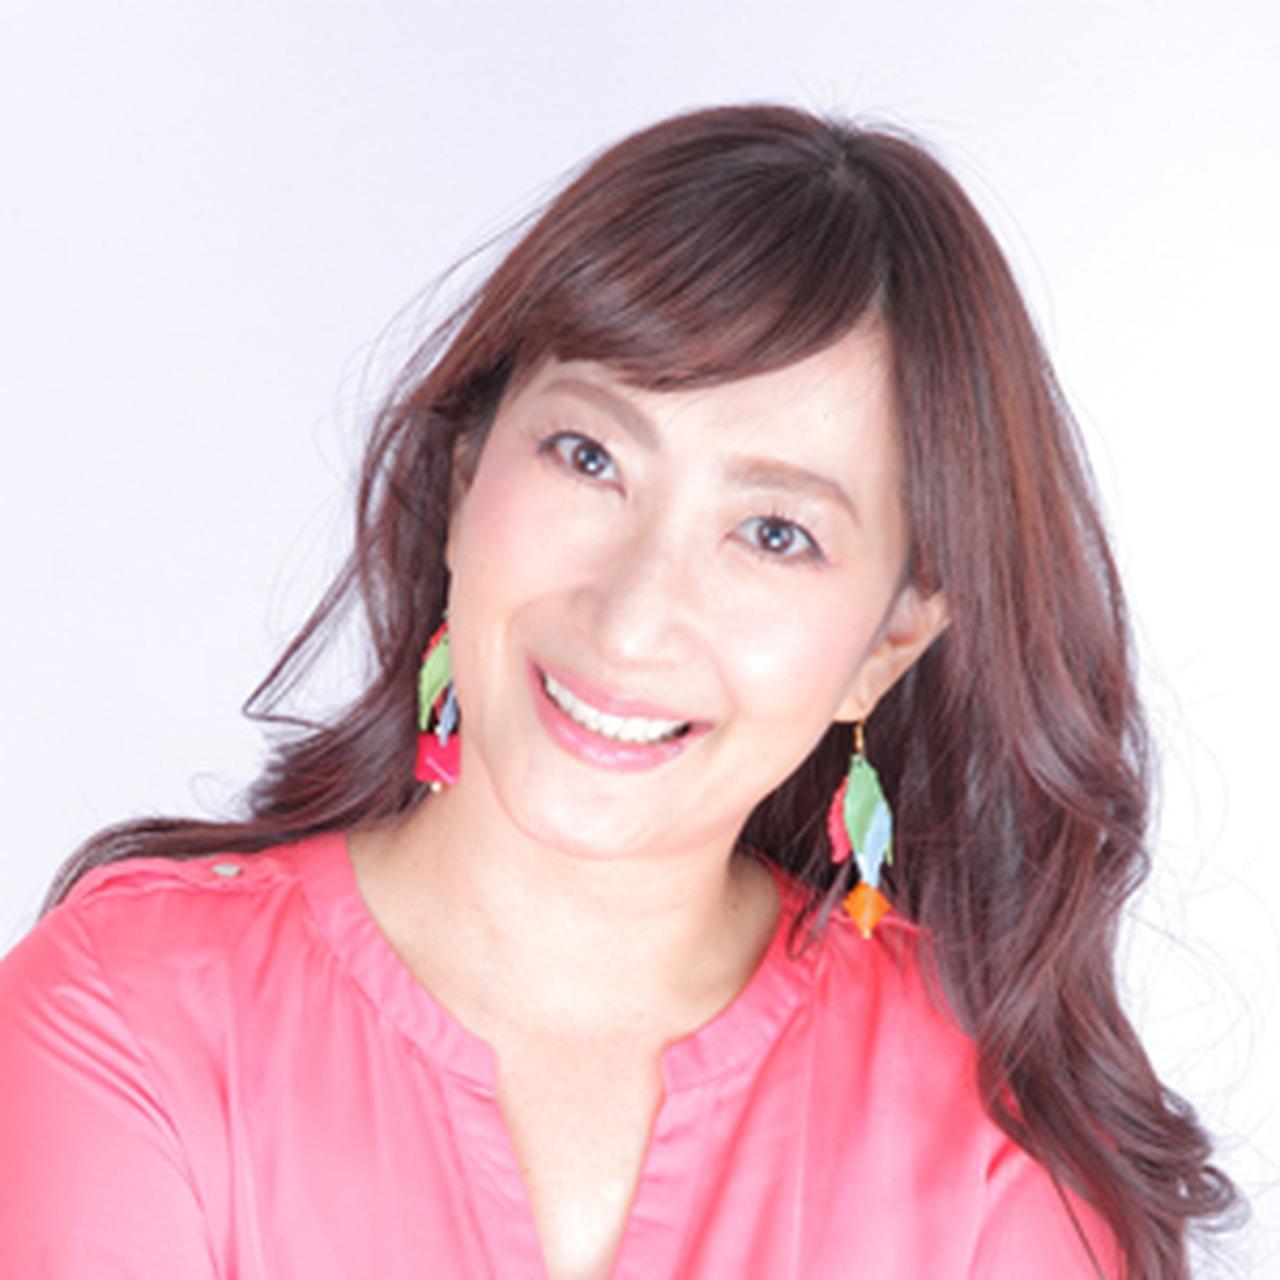 画像: 珠久美穂子 - FM大阪 85.1 〈 PROFILE 〉